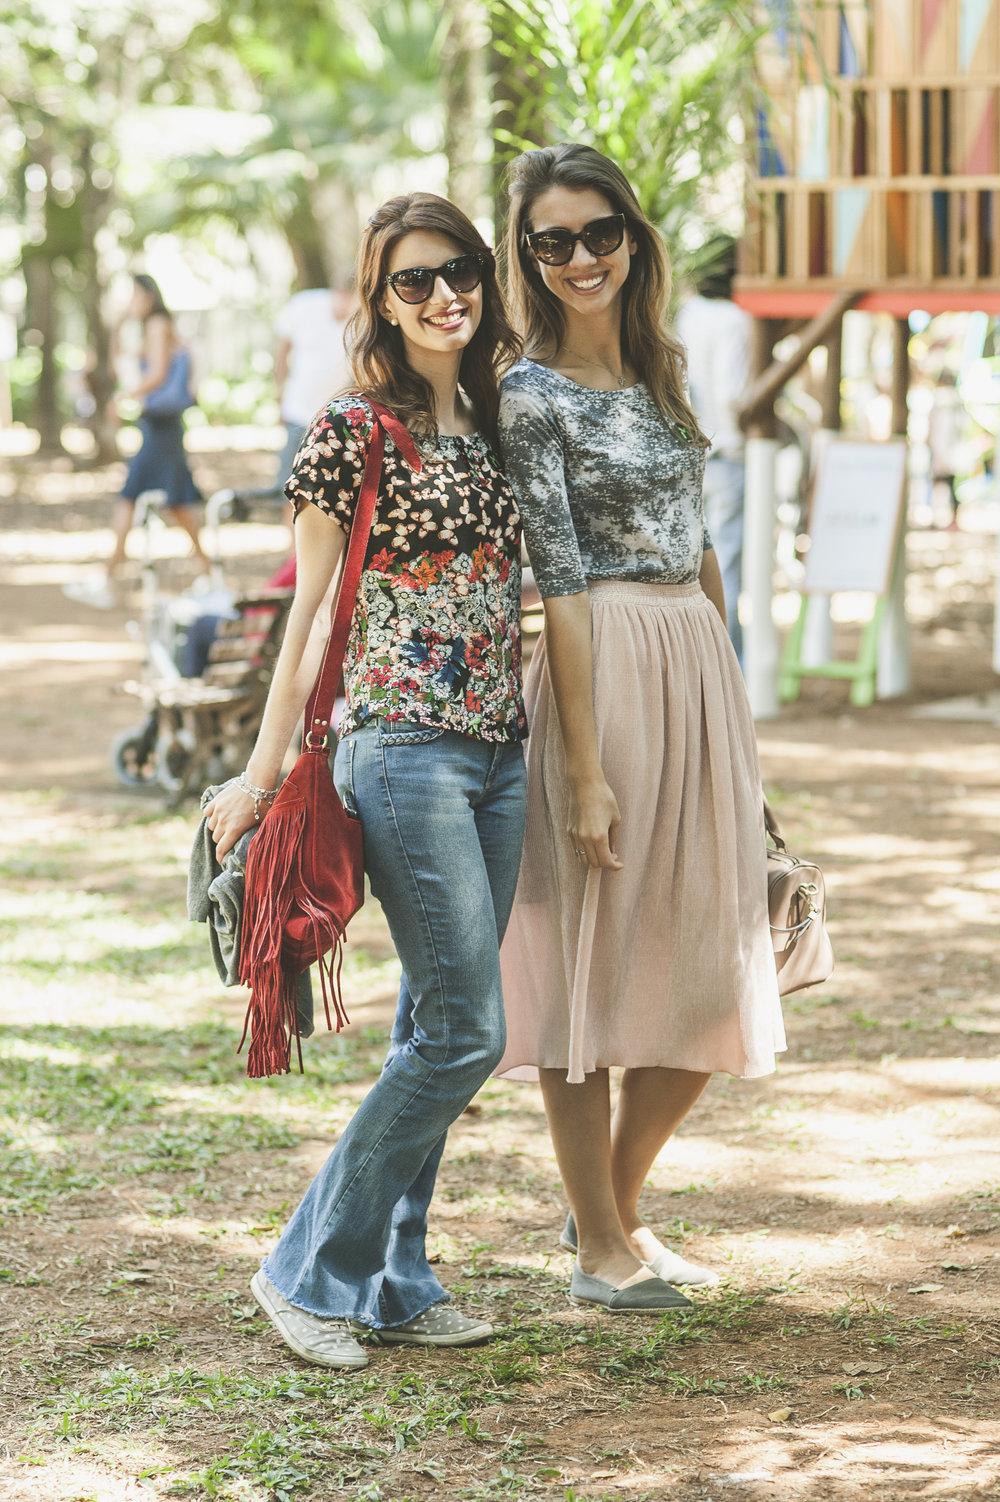 Deborah Bulow, 25, levou a amiga Priscila Gomes, 25, para aproveitar o fim de semana no festival e participar da oficina de café coado da O Cabral. As duas valorizam comprar de quem faz e queriam conferir os projetos manuais que há tempos acompanham pelo Instagram.